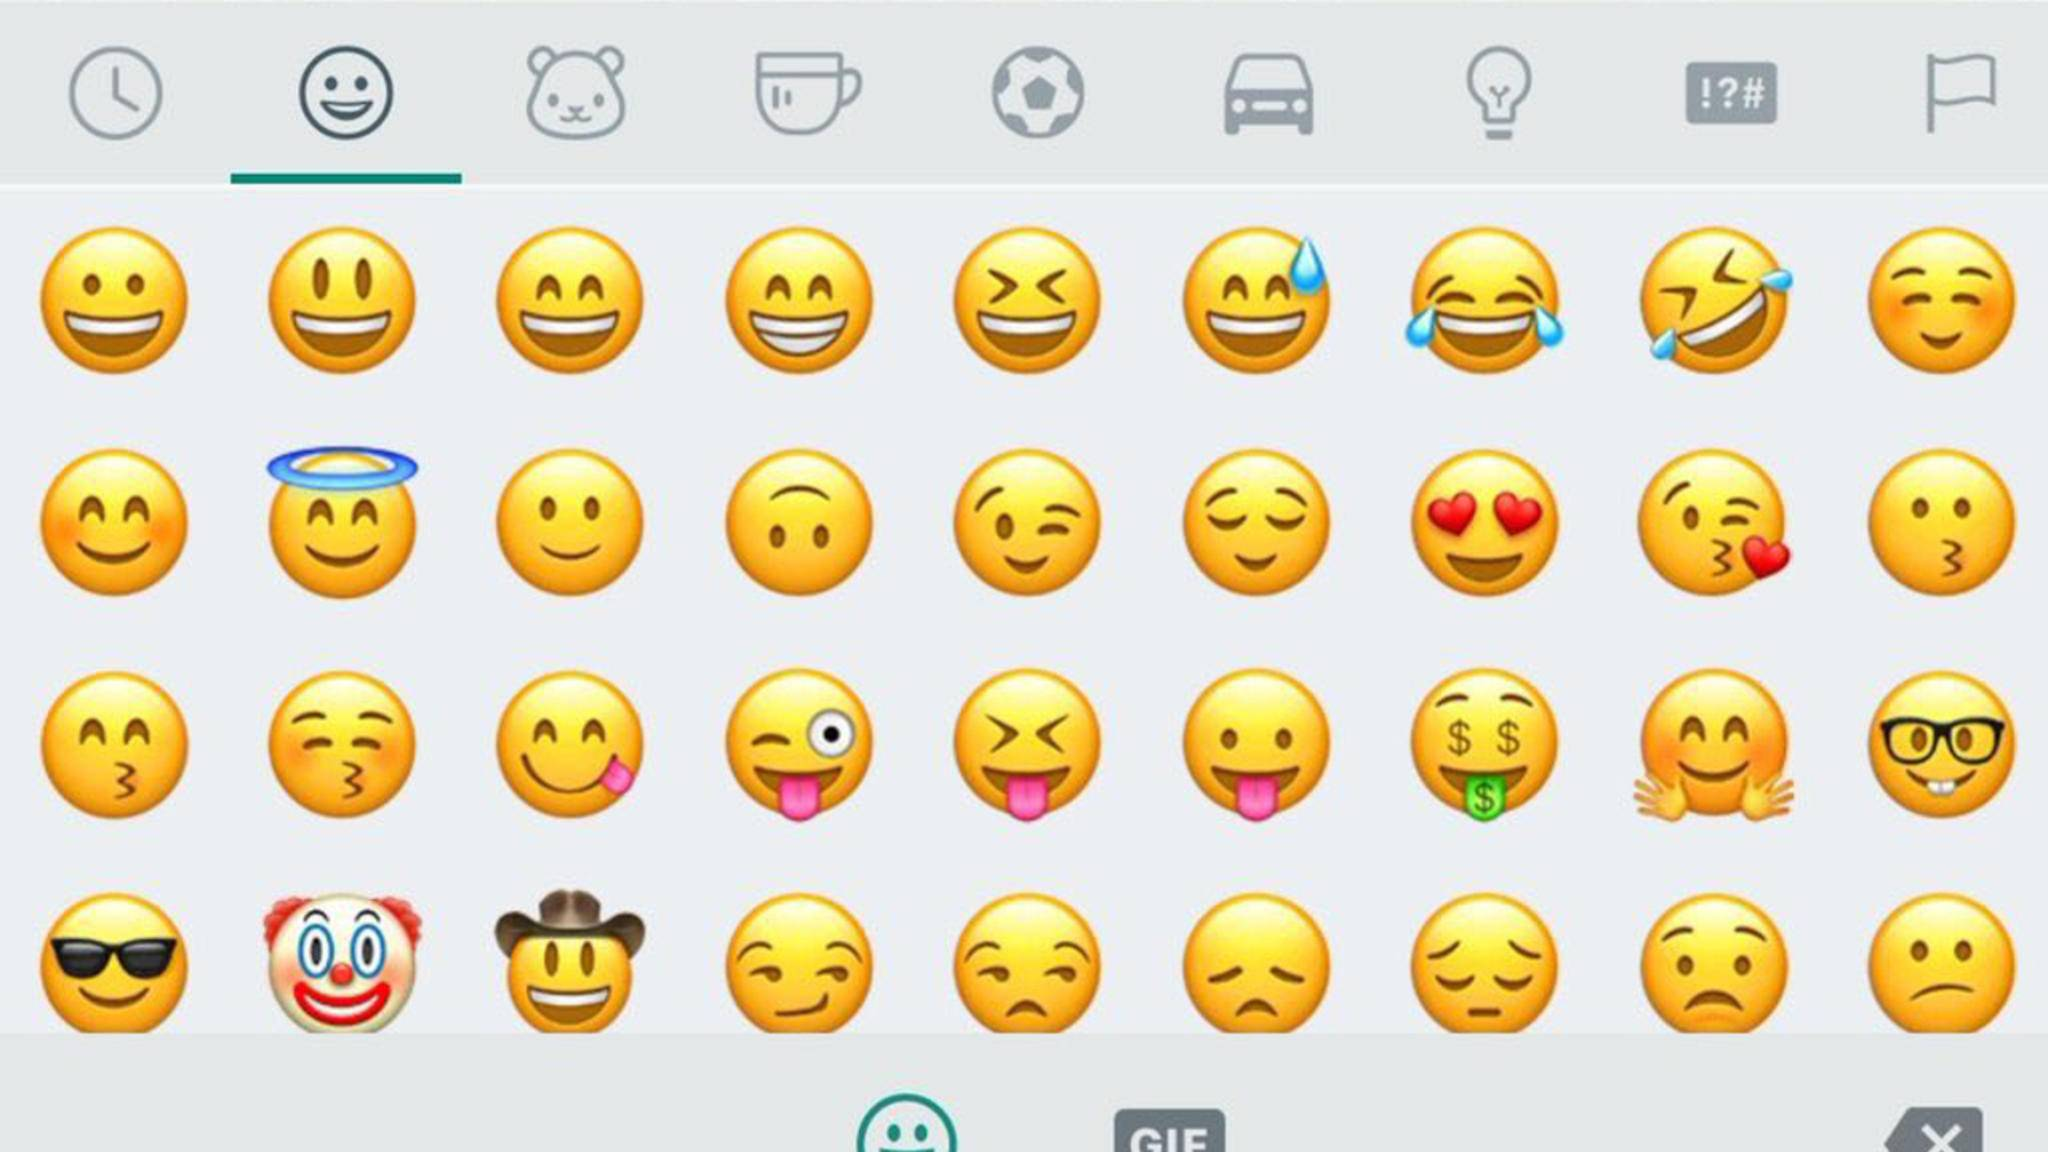 Diese neuen Emojis kann man bald in der Android-Version von WhatsApp nutzen.